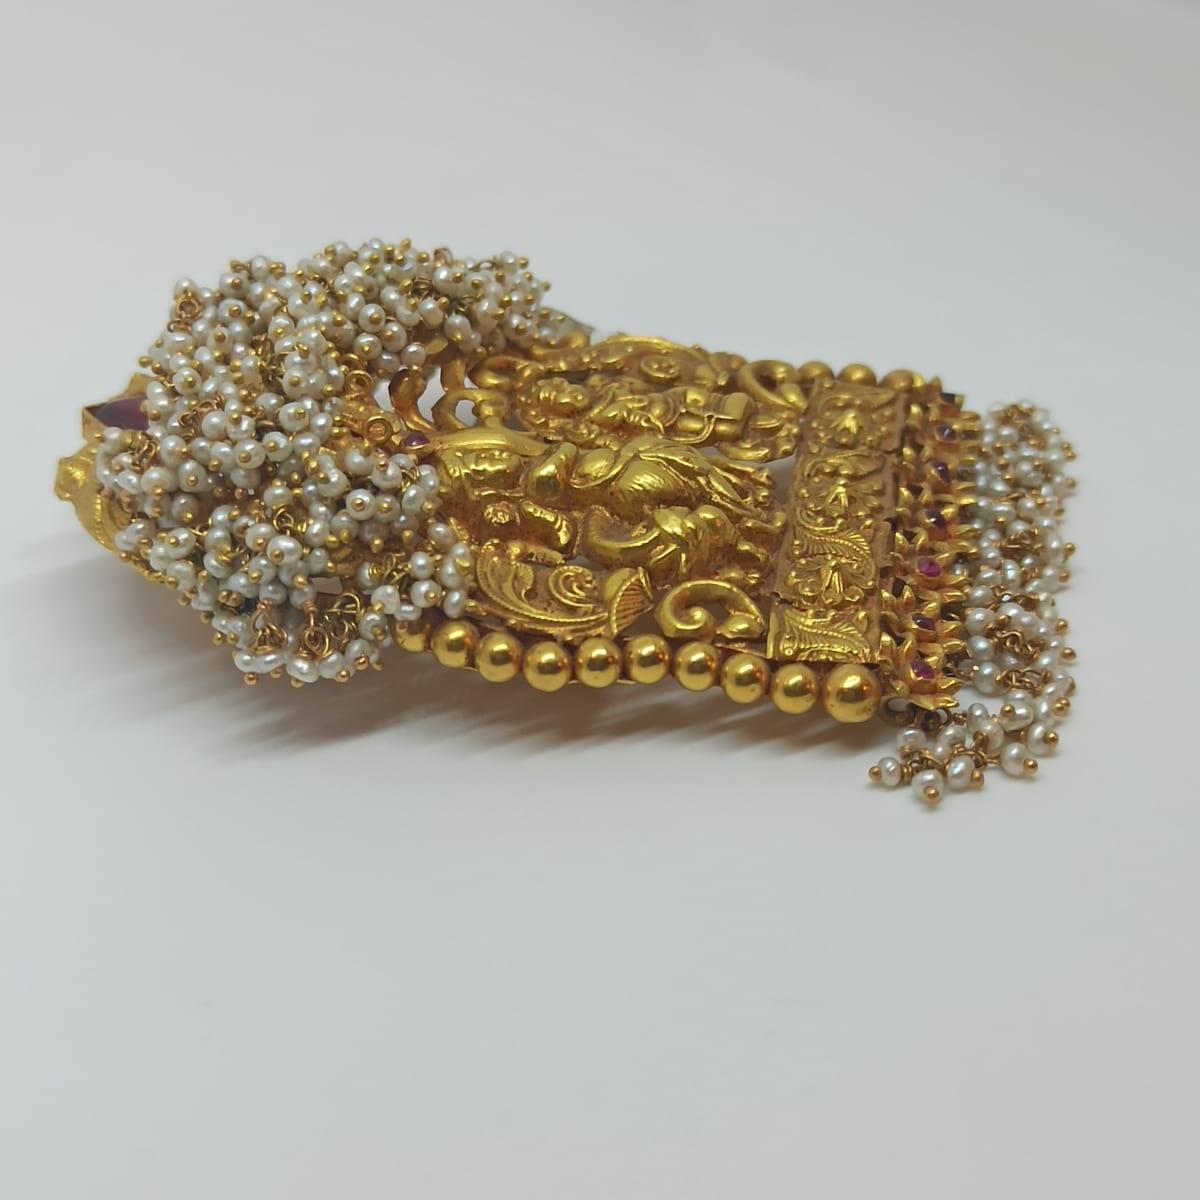 Radhe Krishna Antique Pendant